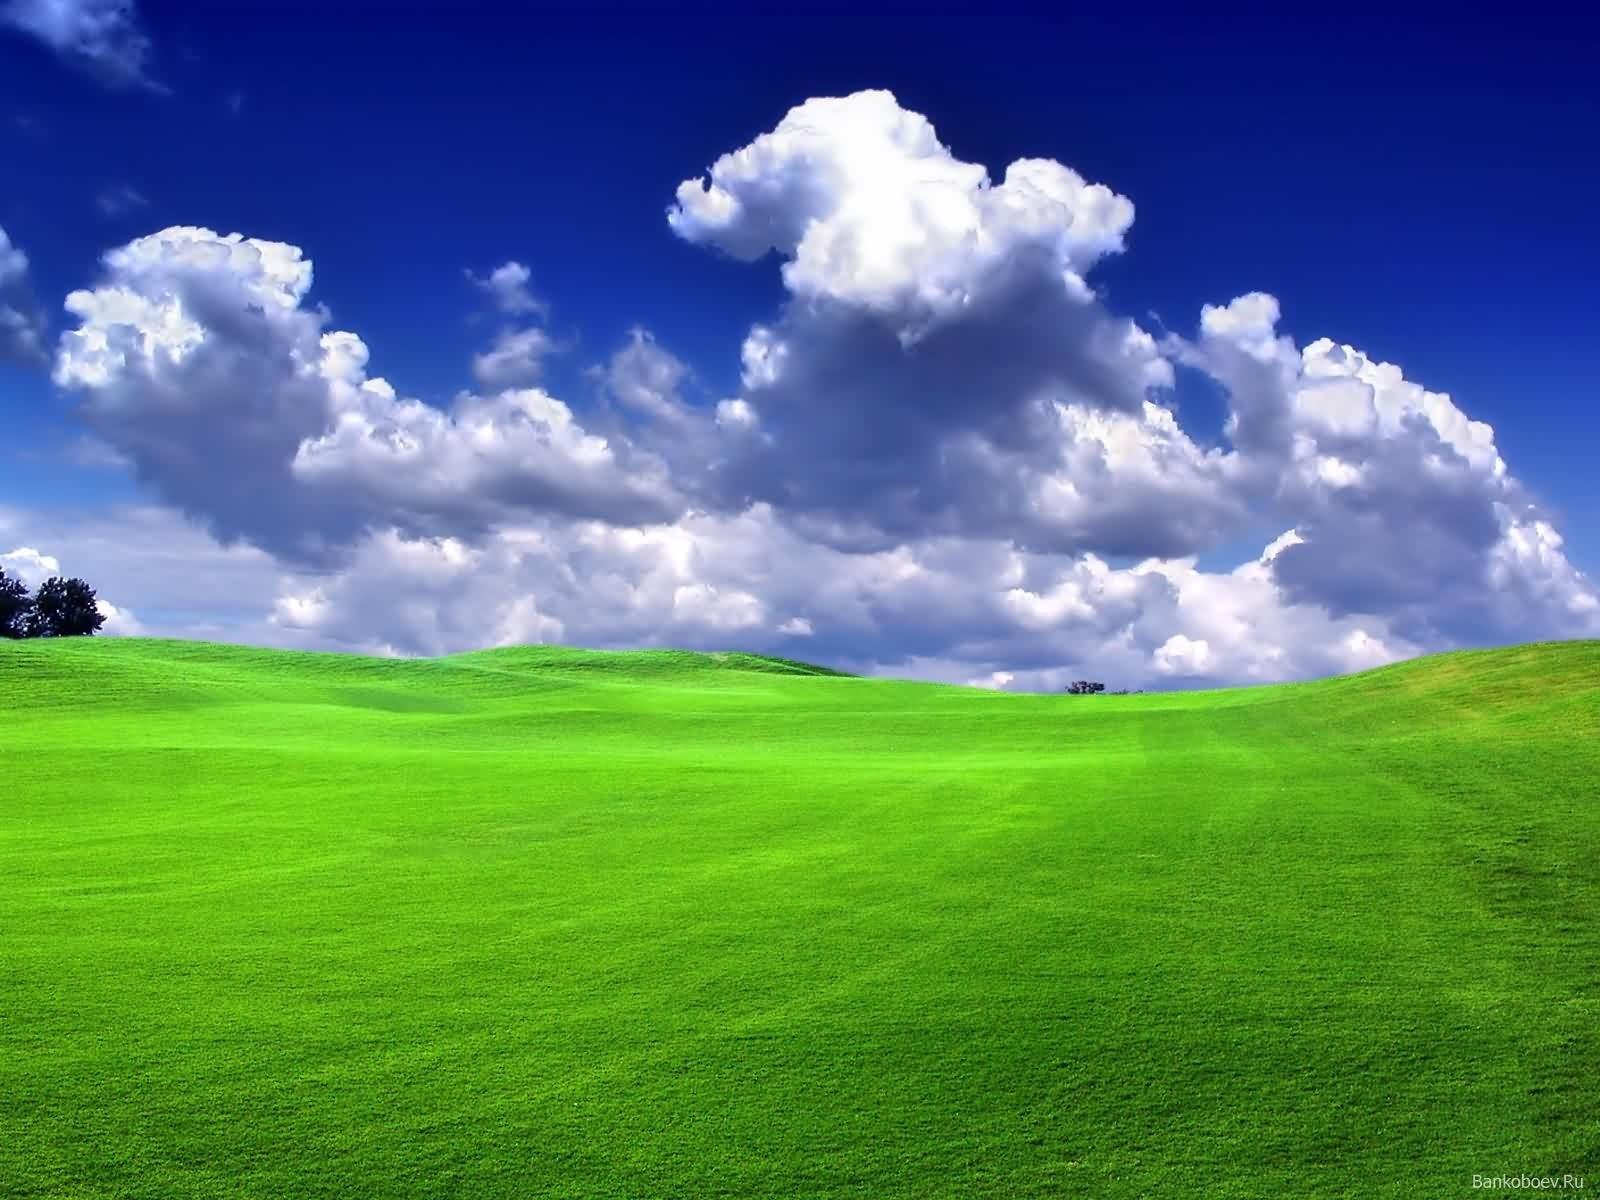 15113 скачать обои Пейзаж, Облака - заставки и картинки бесплатно